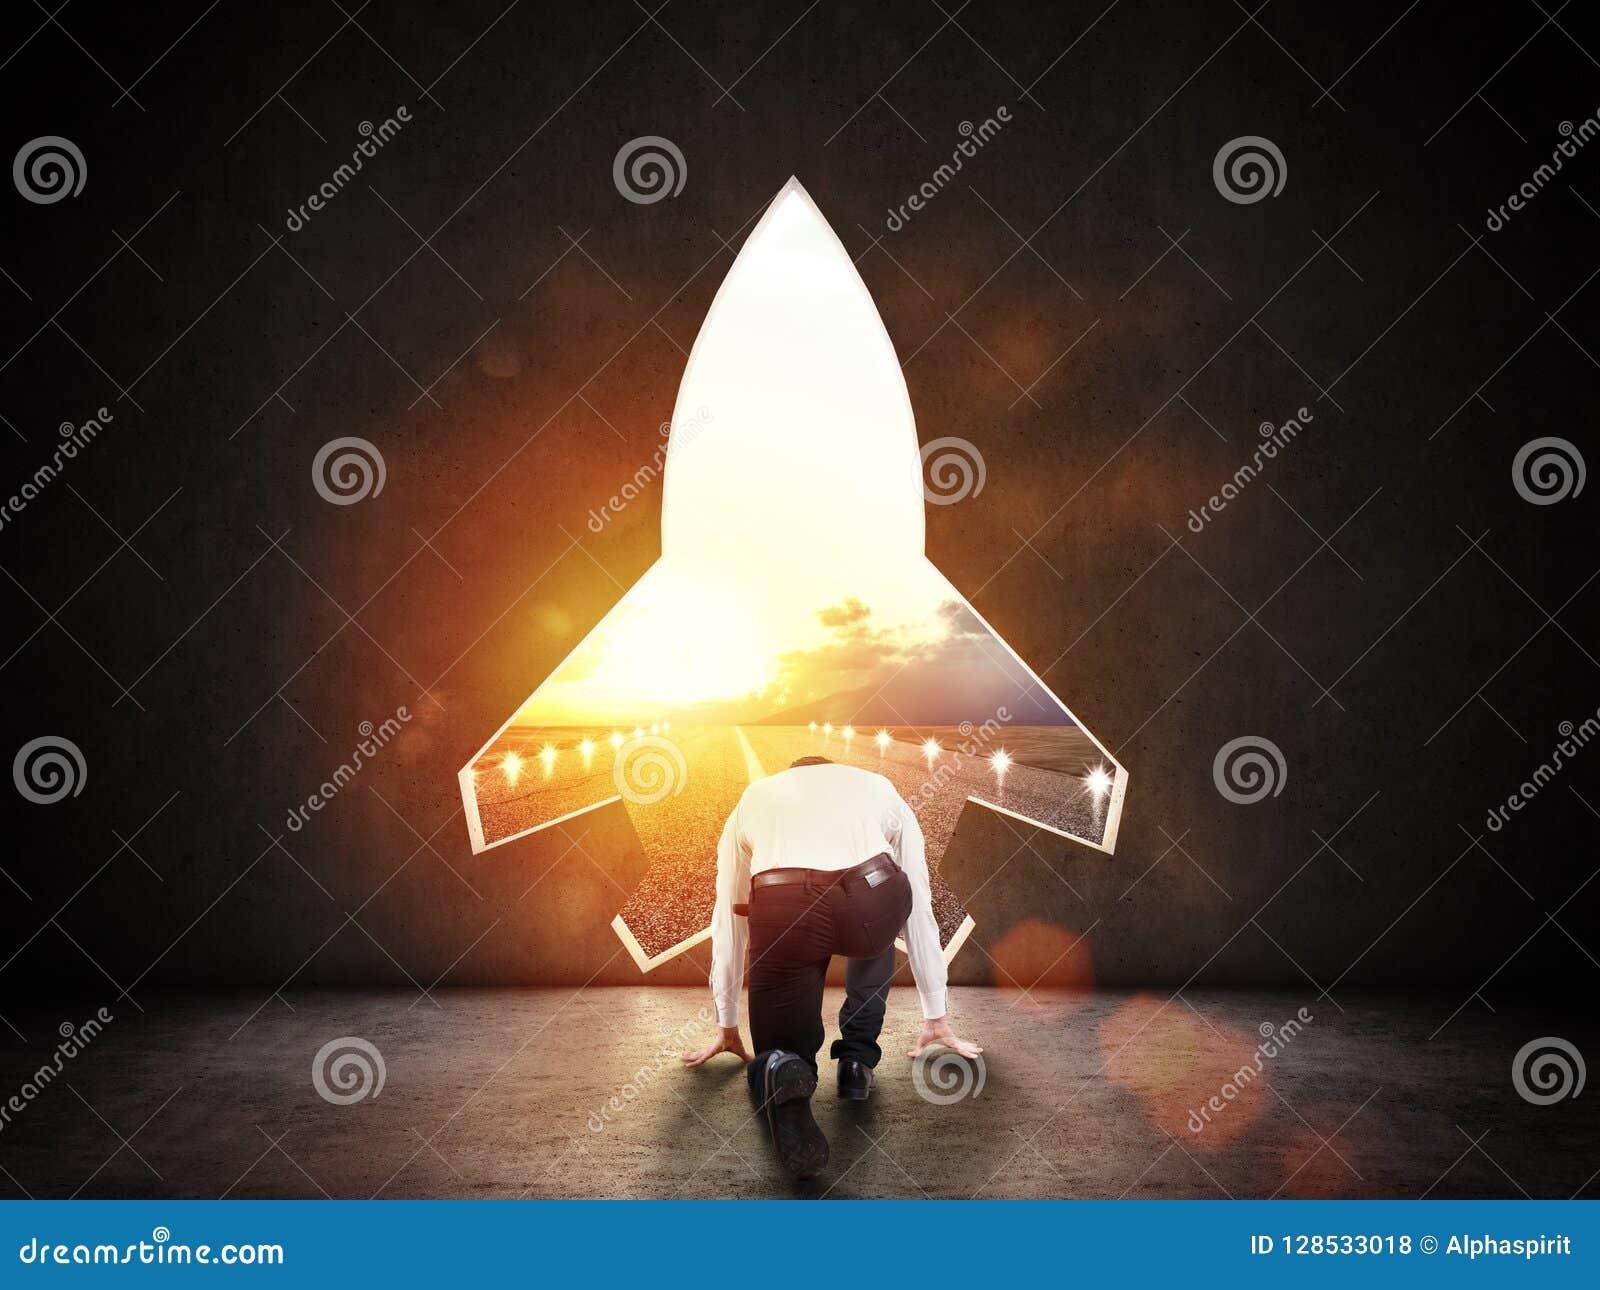 Konzept des Starts mit einem Raketenformloch in der Wand, die zur Abfahrt in Richtung zu den neuen Zielen anspielt